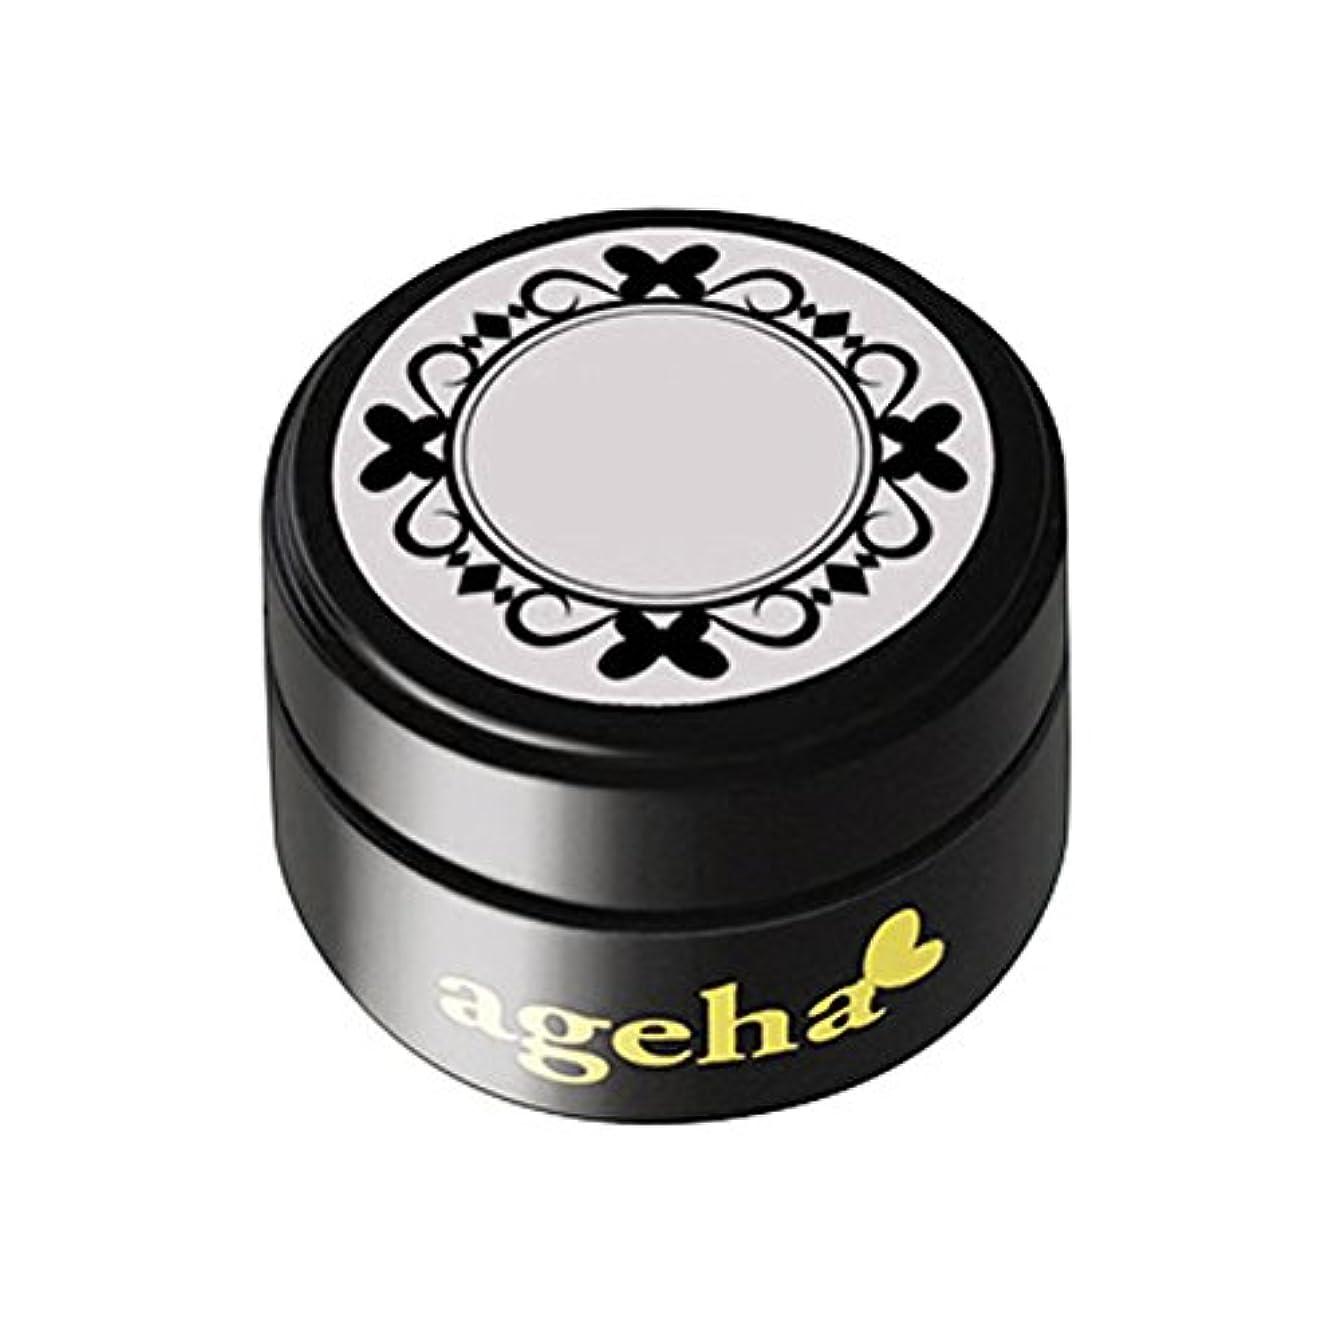 流産ページェント吹雪ageha gel カラージェル コスメカラー 106 ミルクヌード 2.7g UV/LED対応